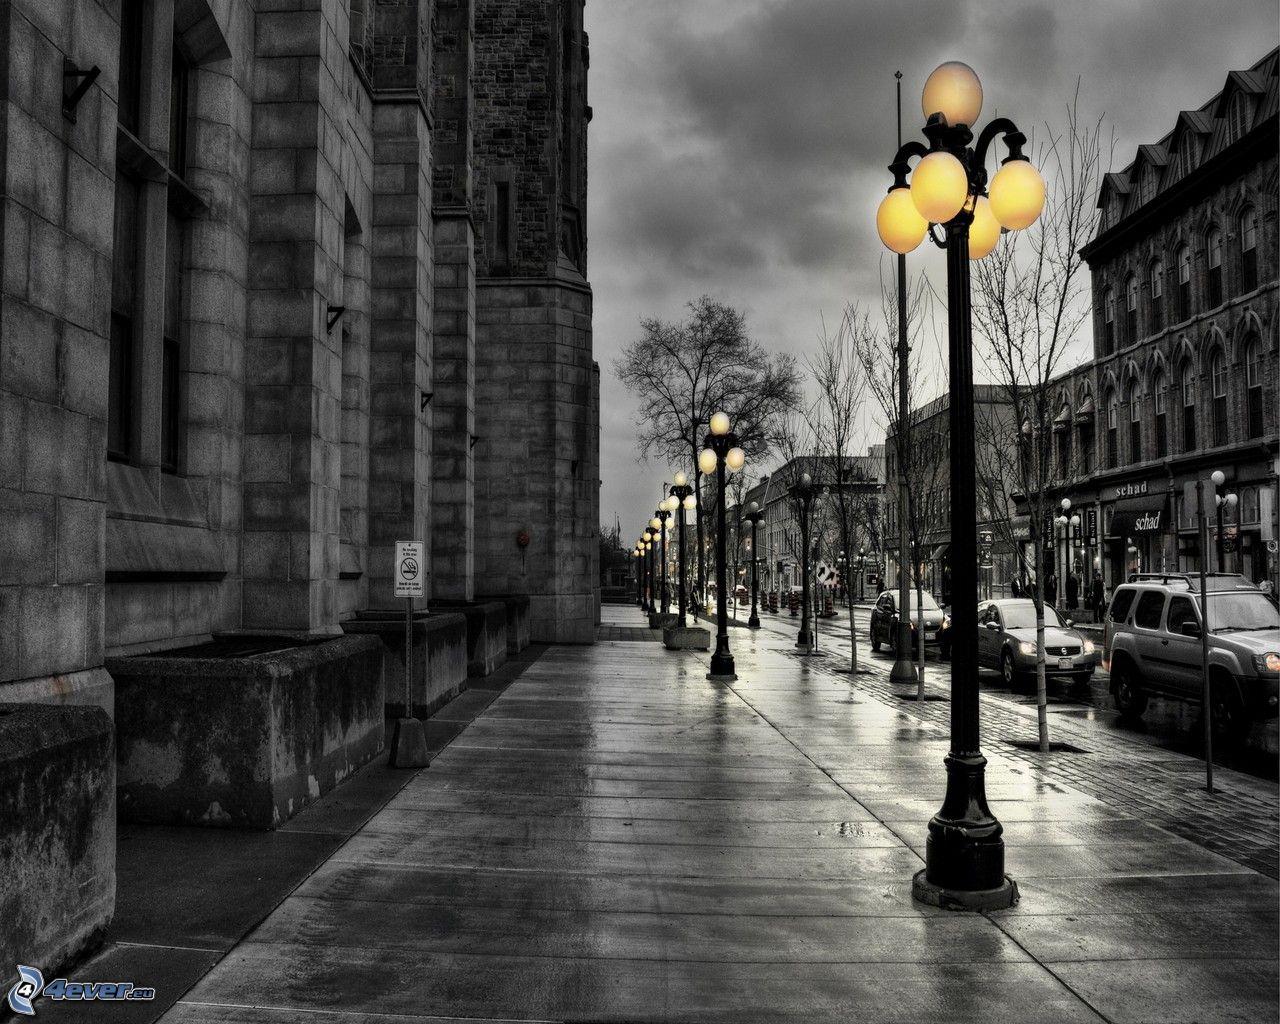 rue, lampadaires 179293 Résultat Supérieur 15 Superbe Lampadaire De Rue Pic 2017 Sjd8